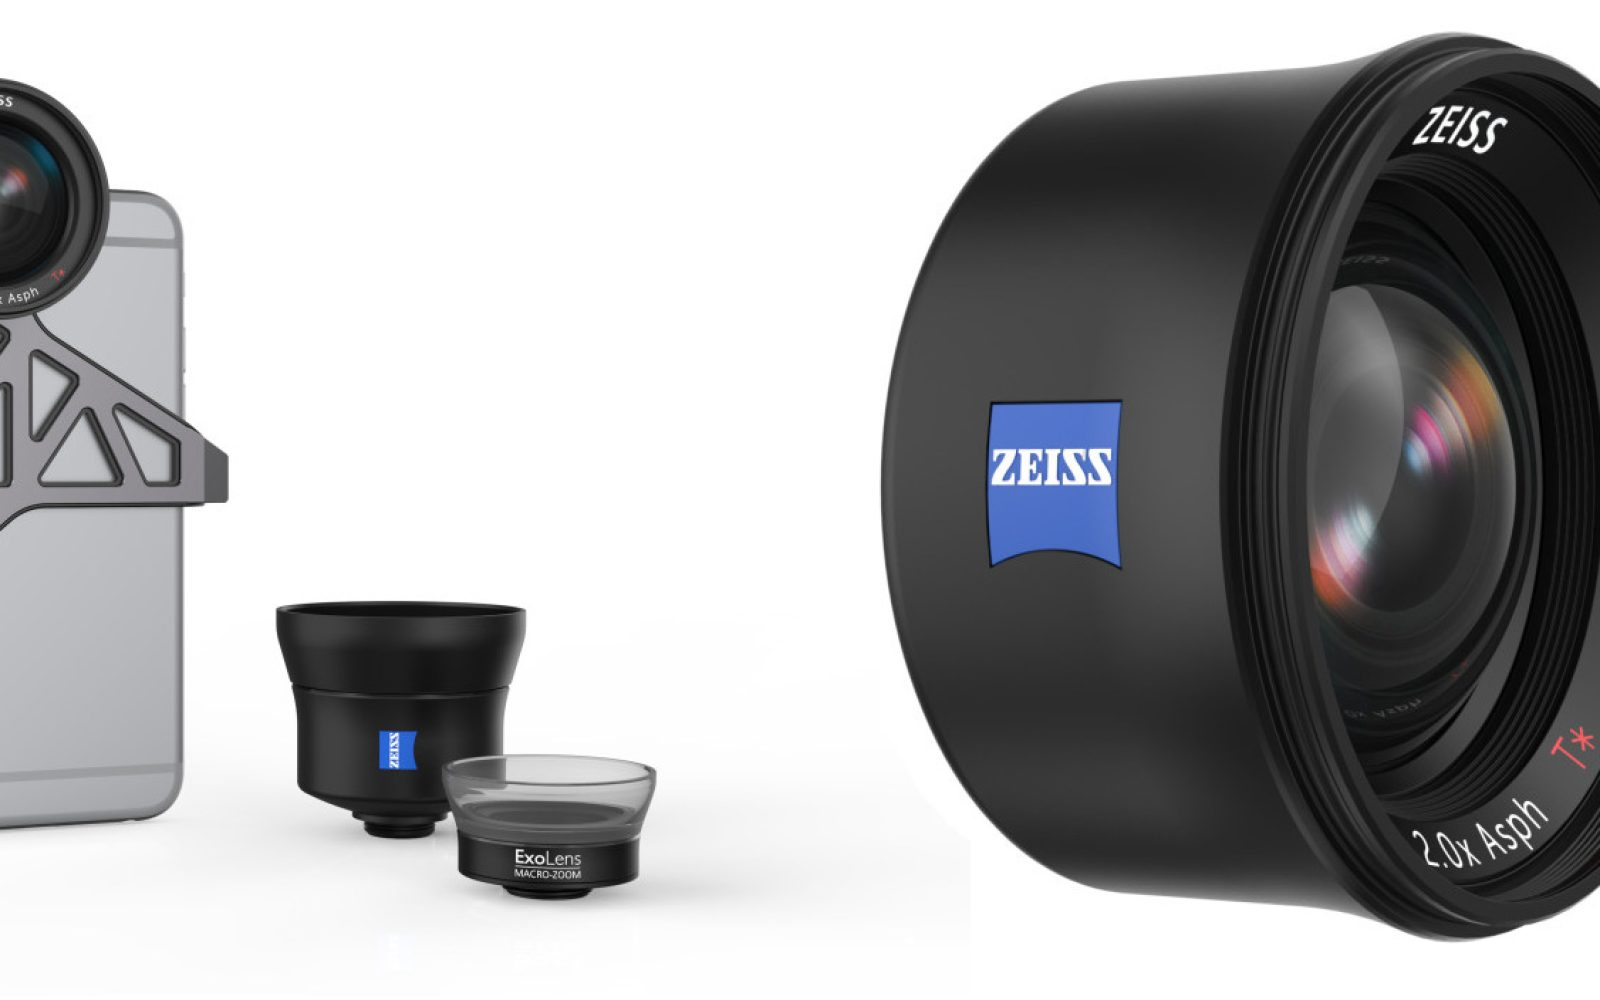 ExoLens announces three premium Zeiss T* lenses for iPhone 6